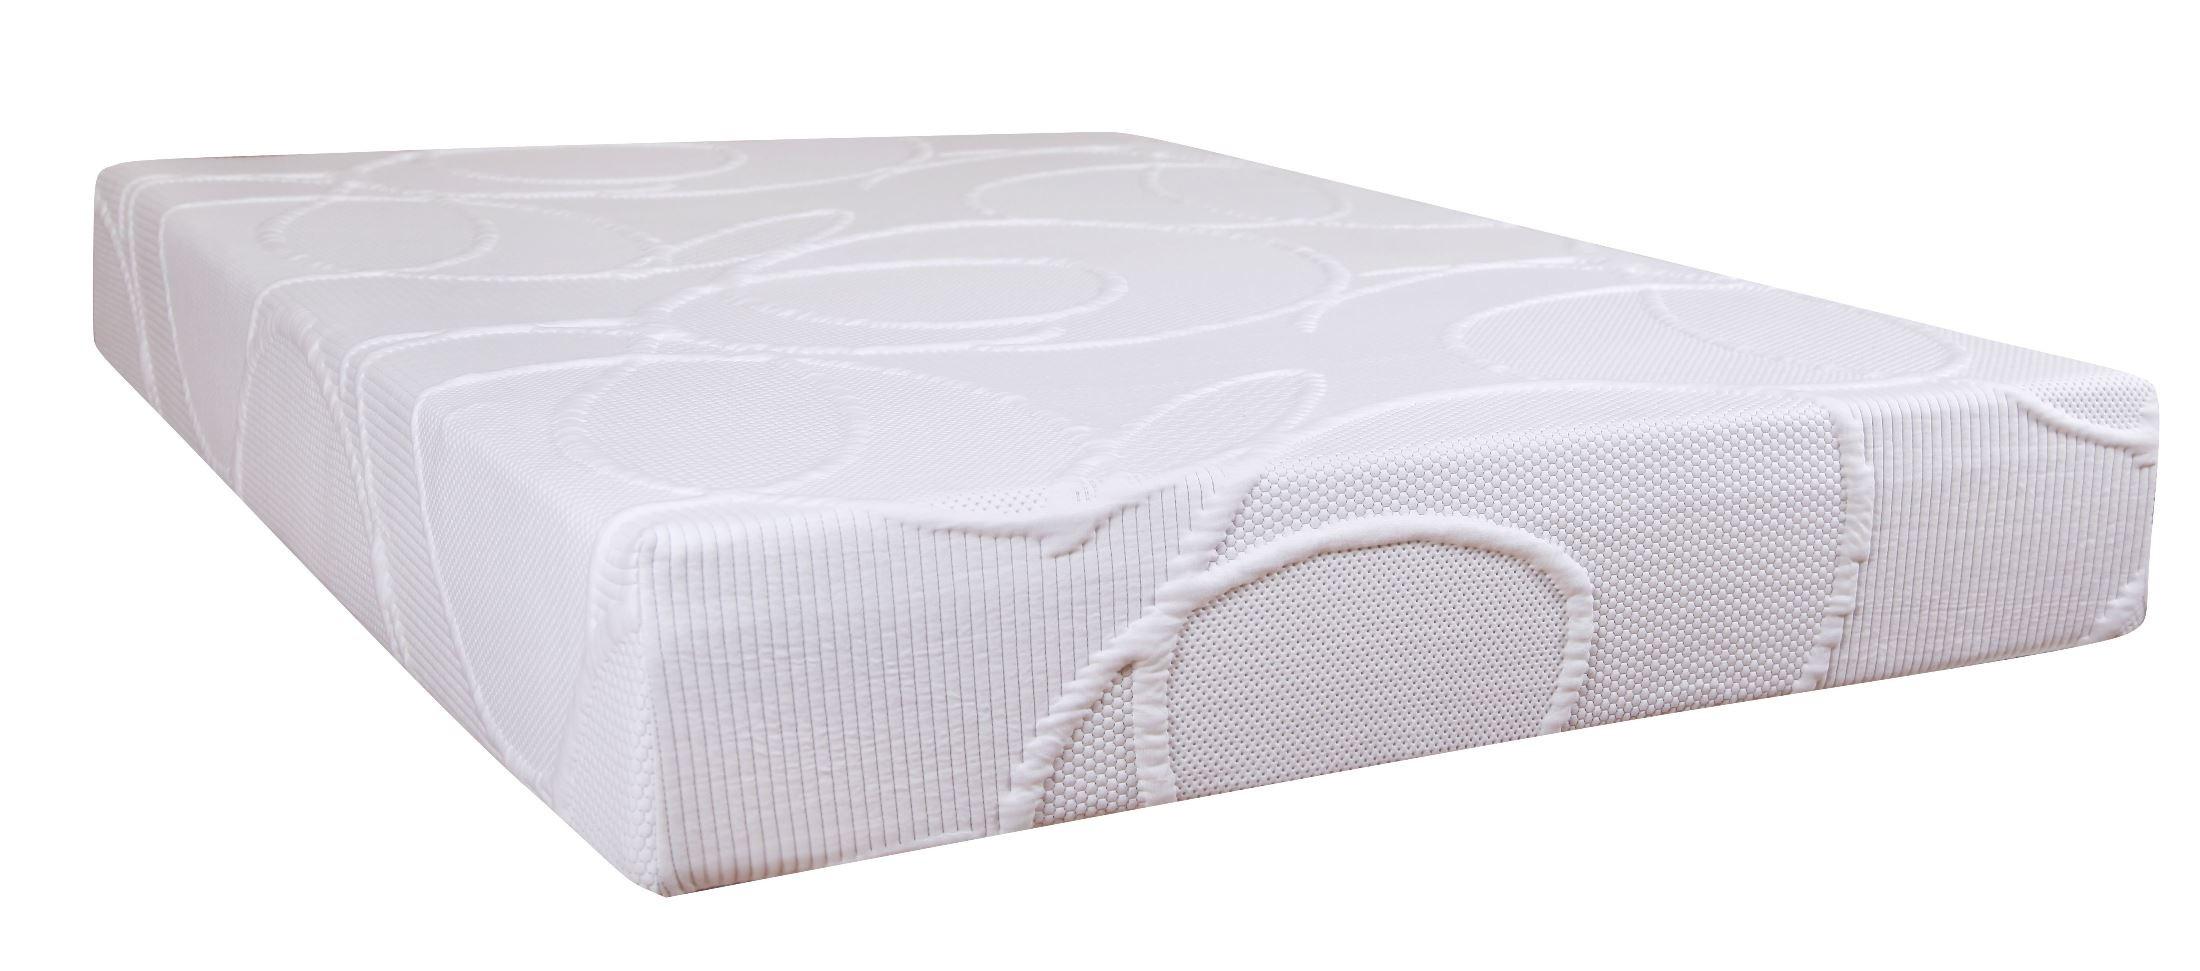 Polaris 10 Memory Foam Queen Size Mattress From Klaussner Polarisqqmat Coleman Furniture